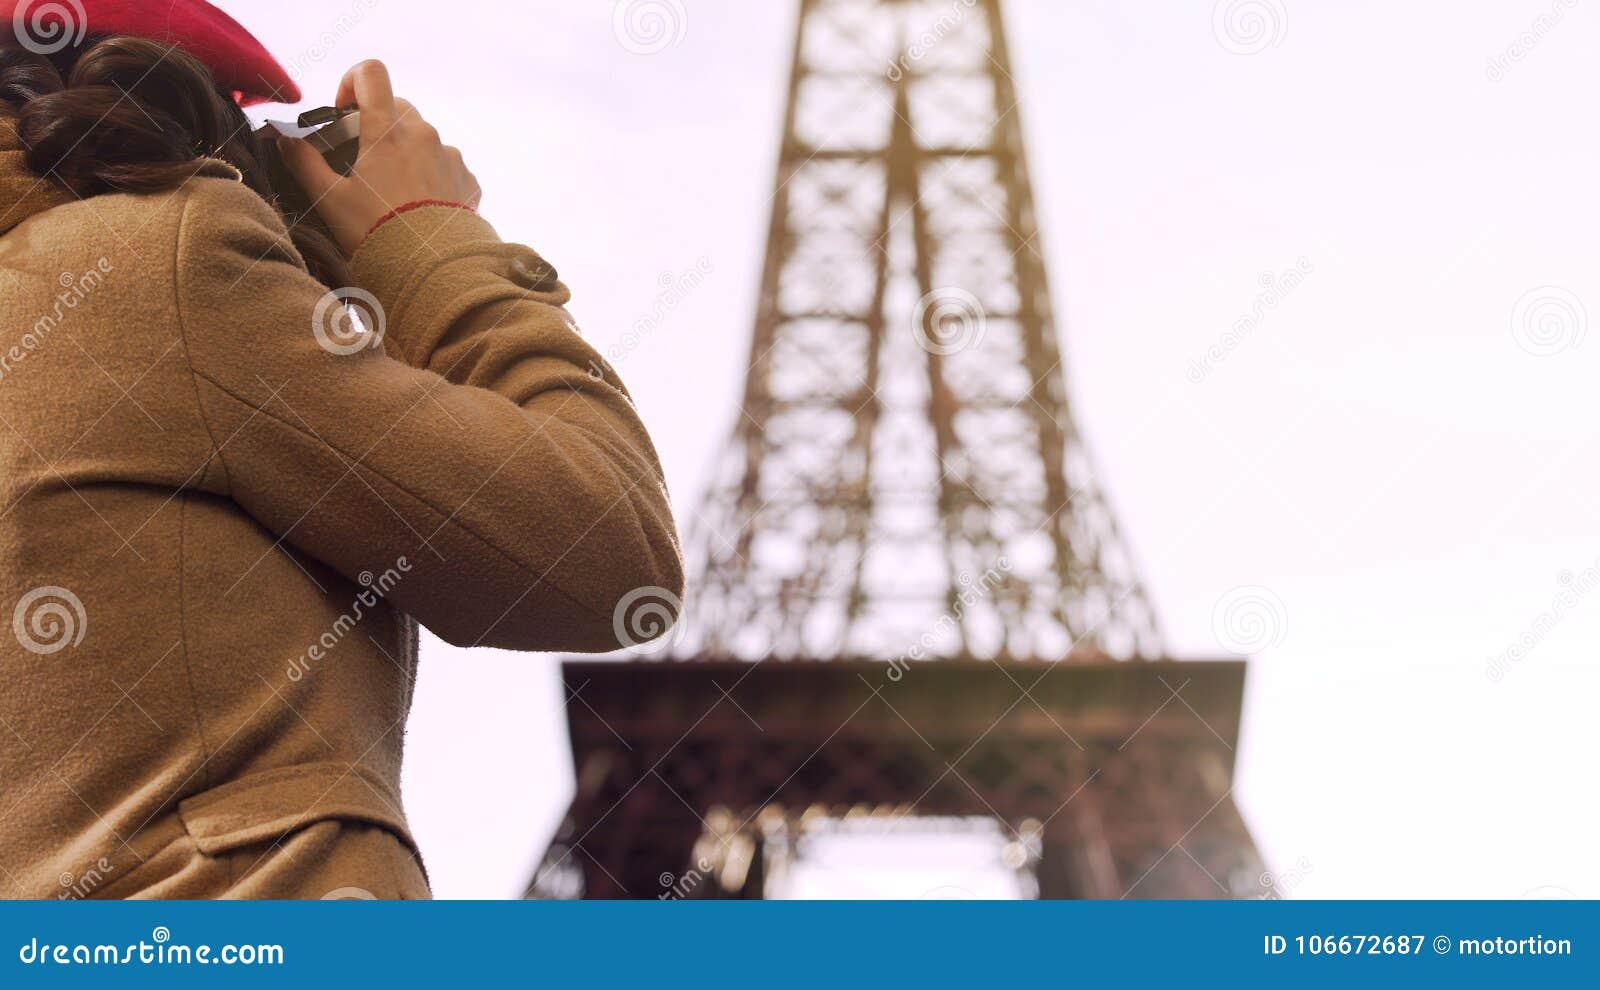 Weiblicher touristischer fotografierender Eiffelturm, Ferien in Paris verbringend, Reise